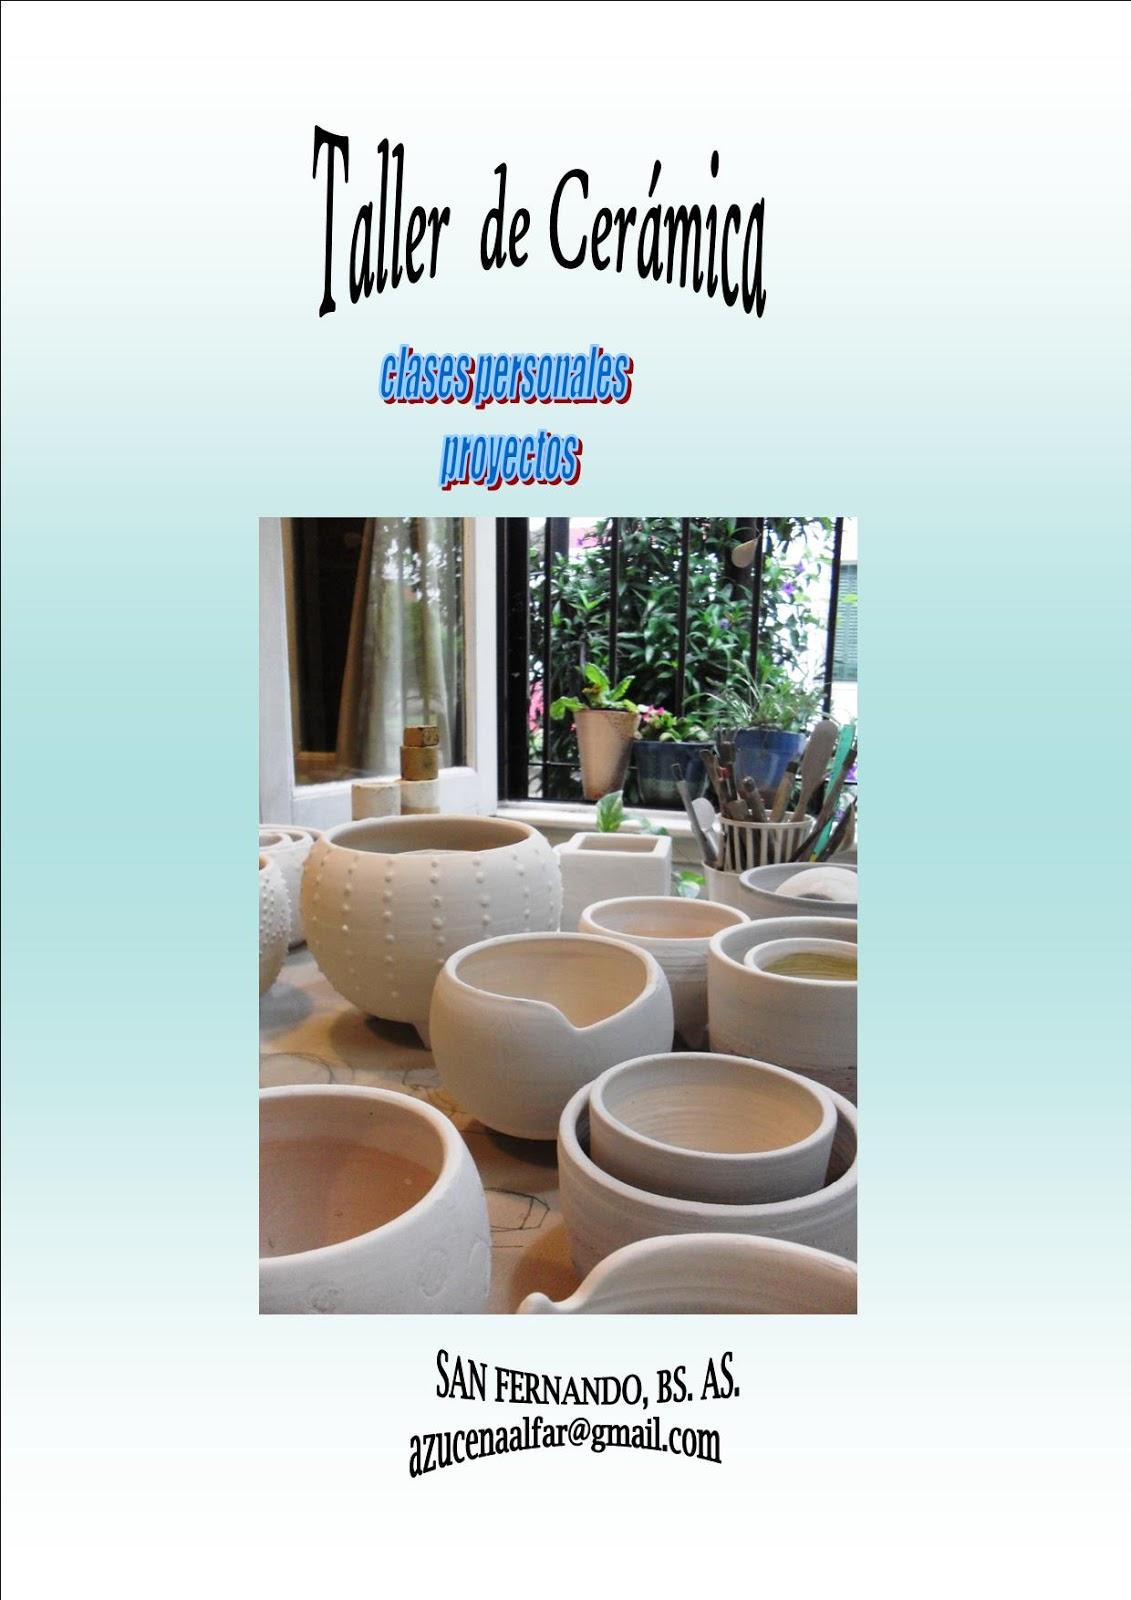 El taller de ceramica y alfareria 02 01 2016 03 01 2016 for Curso de decoracion de interiores zona norte